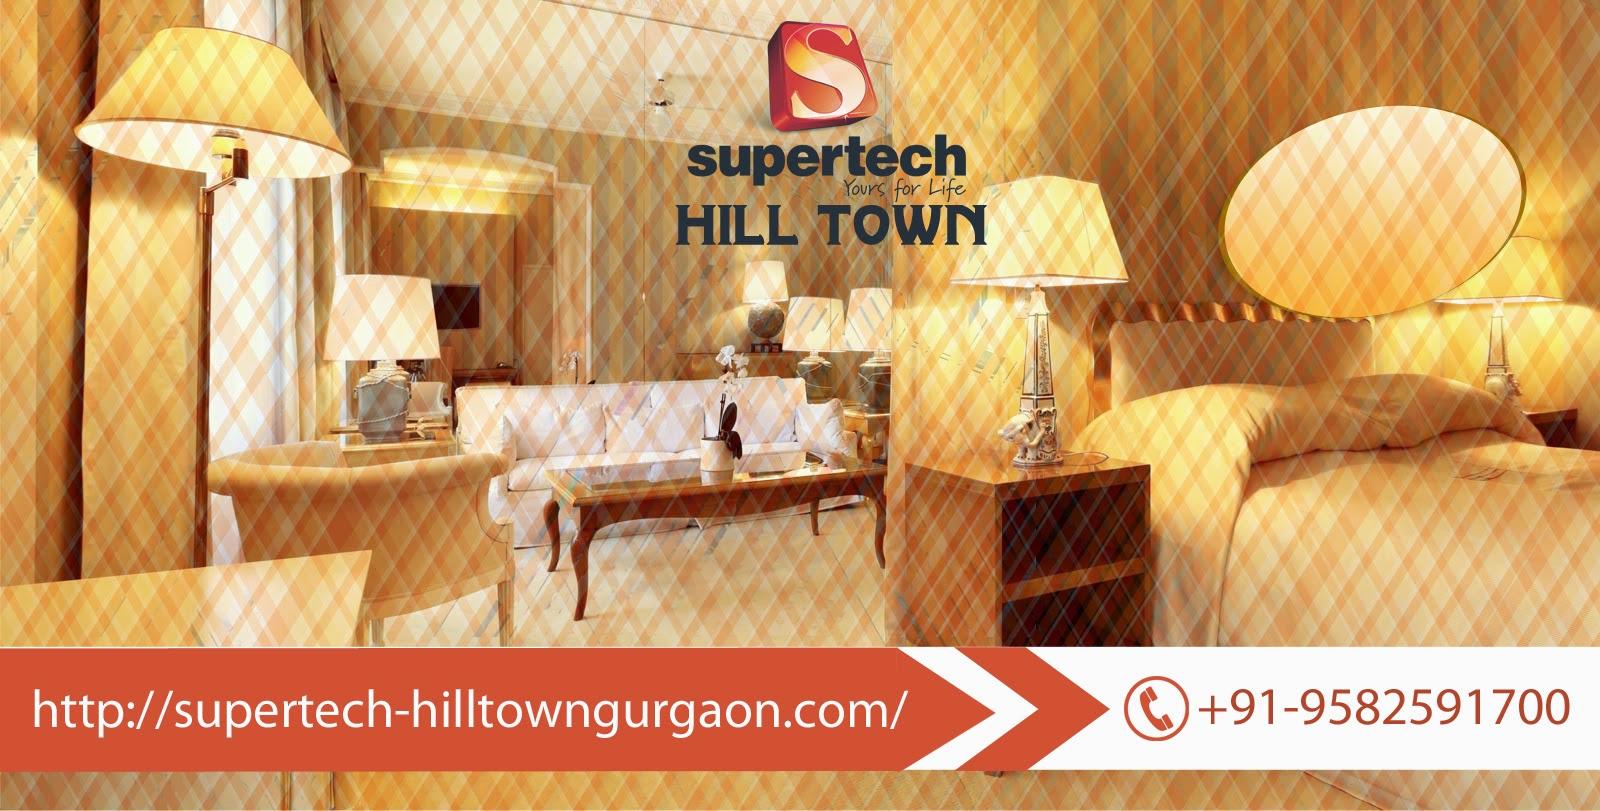 Supertech Hill Town